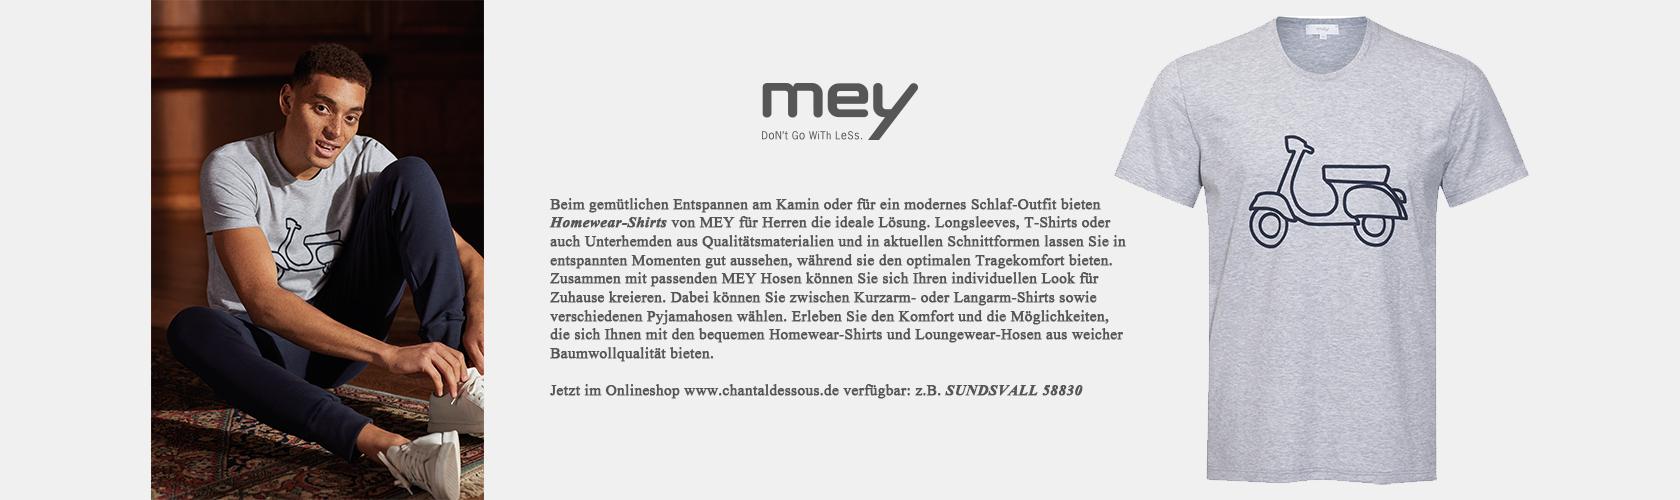 Slideshow Mey Herren HW & NW 15.10.